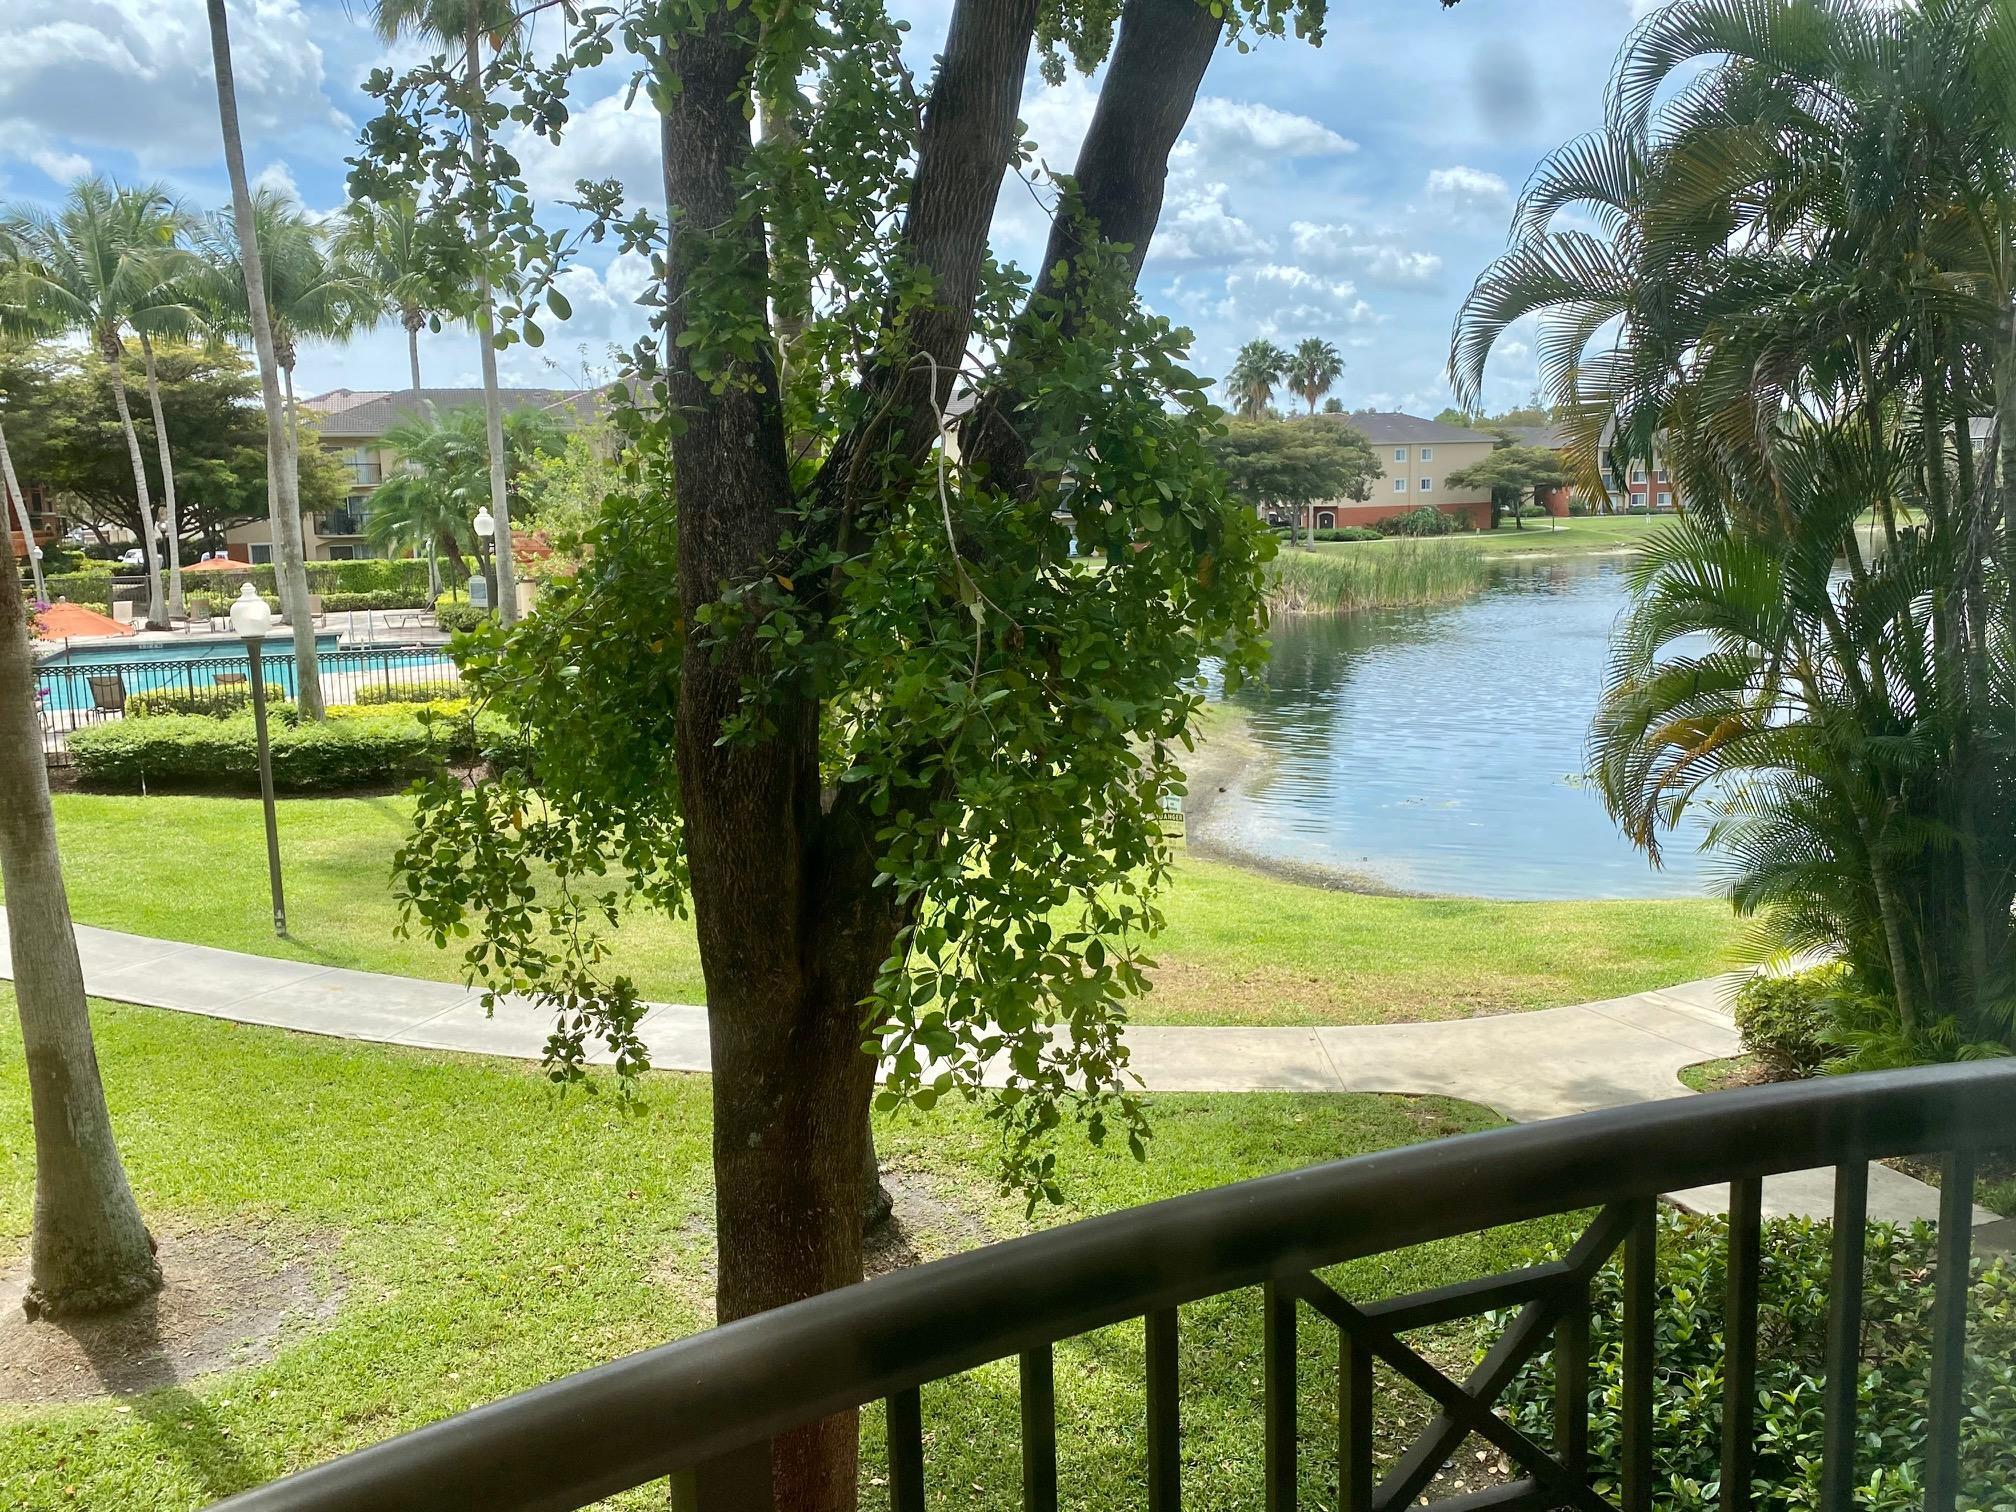 4191 N Haverhill Road 405 West Palm Beach, FL 33417